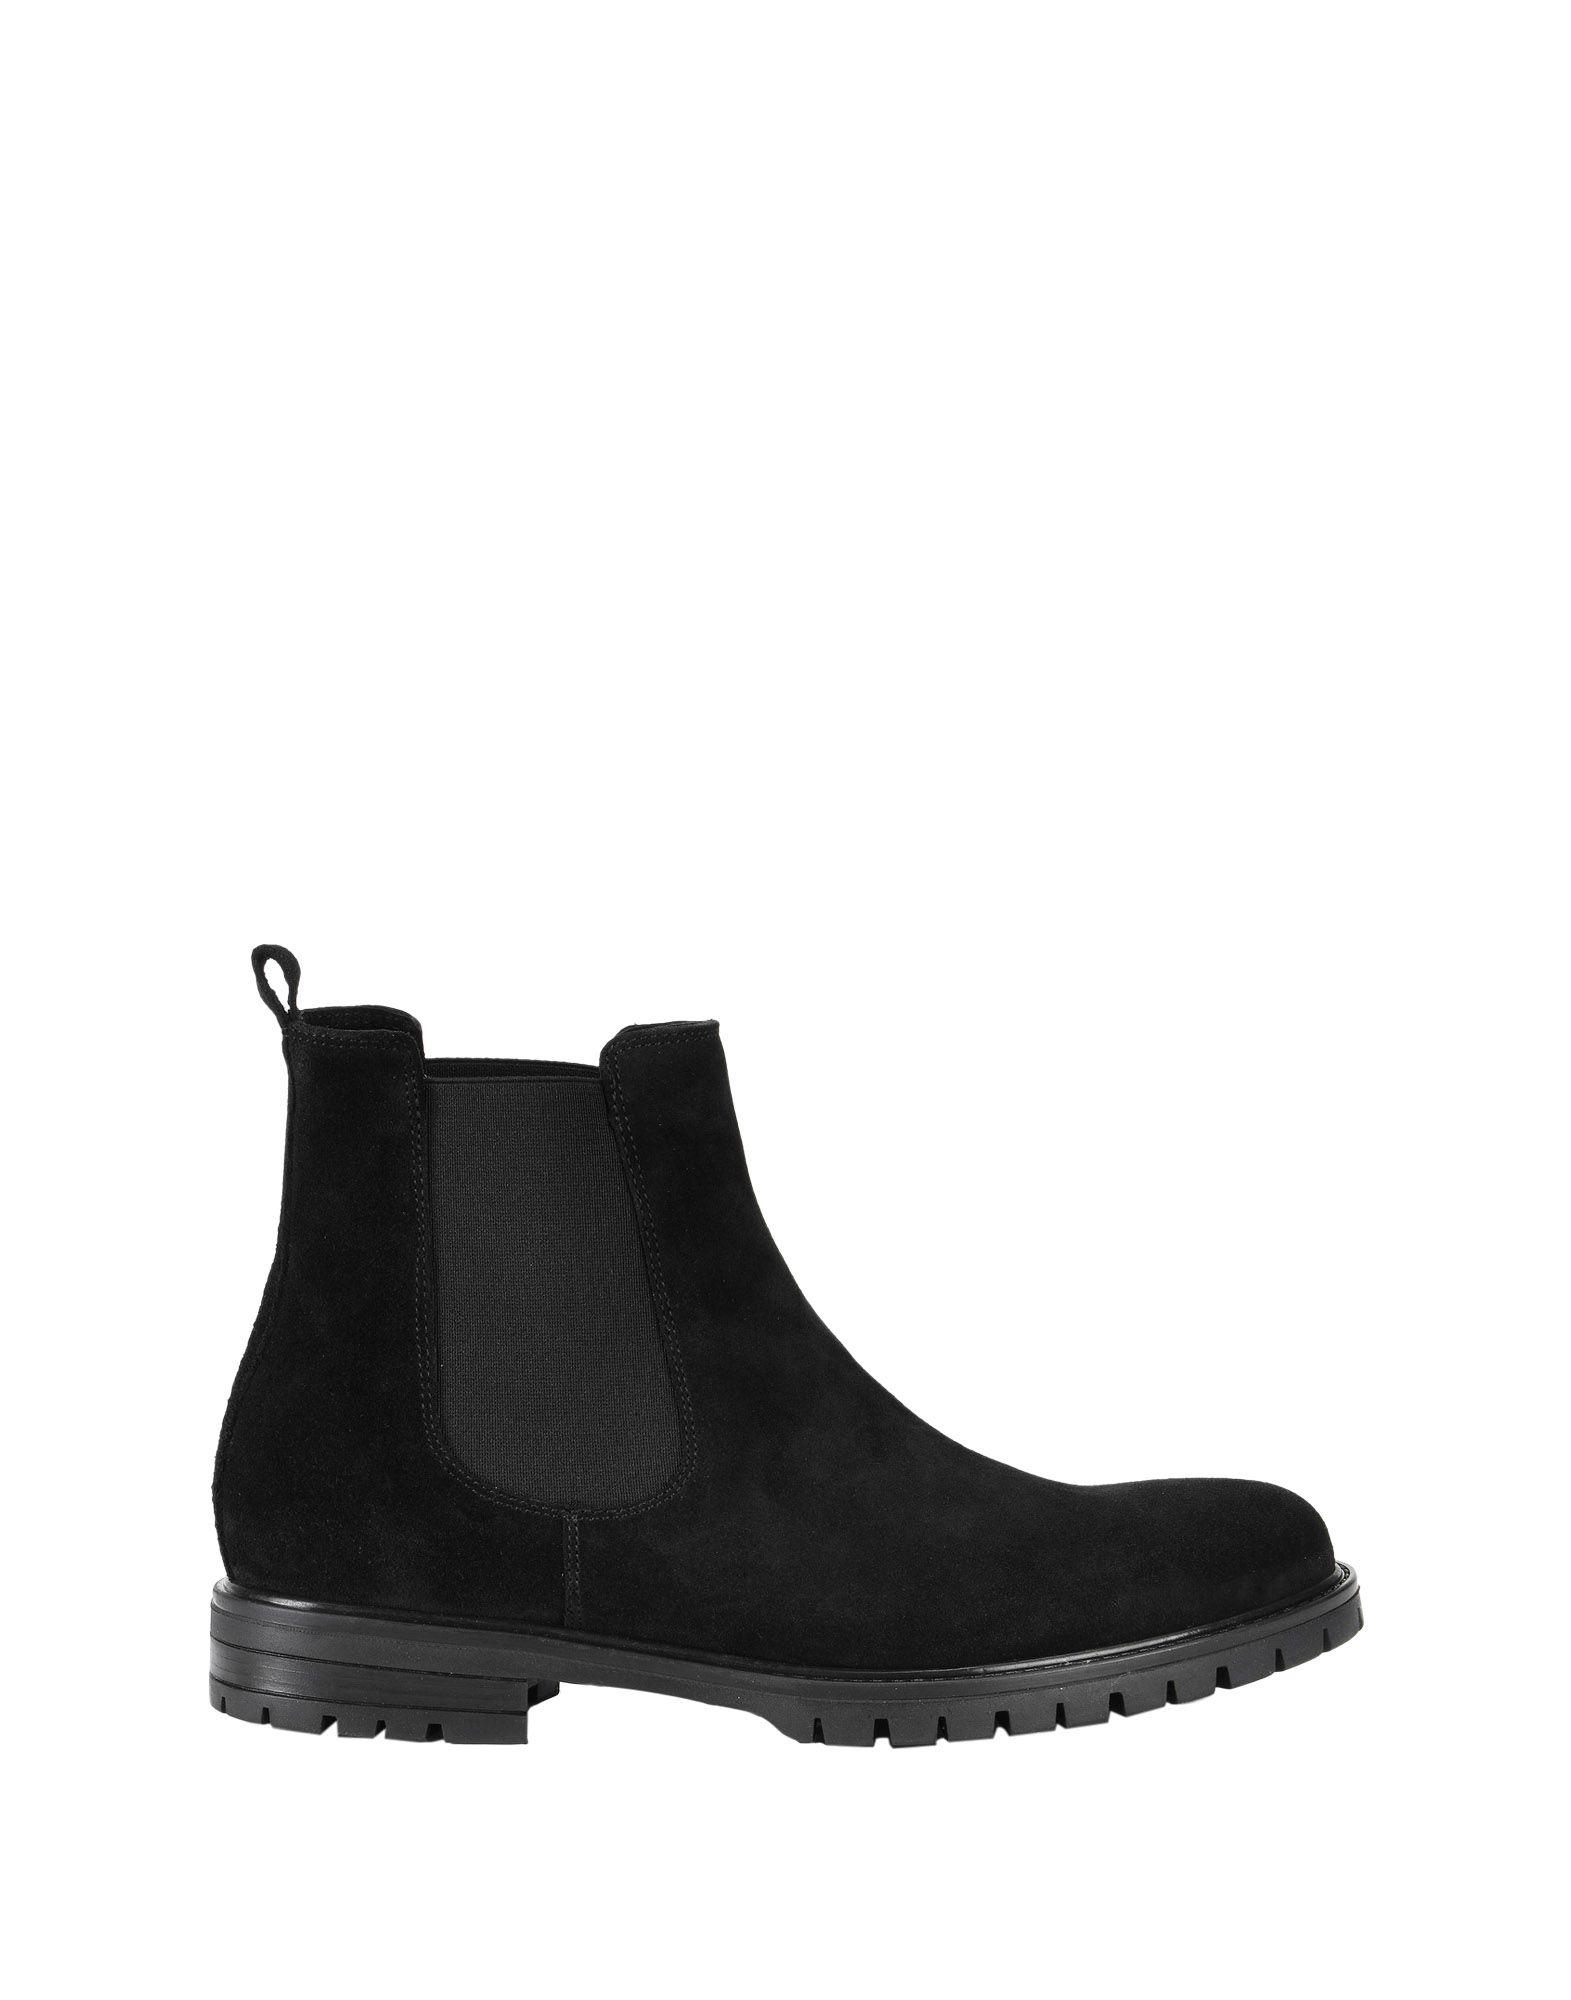 Ylati Heritage Stiefelette Herren  11483196GK Gute Qualität beliebte Schuhe